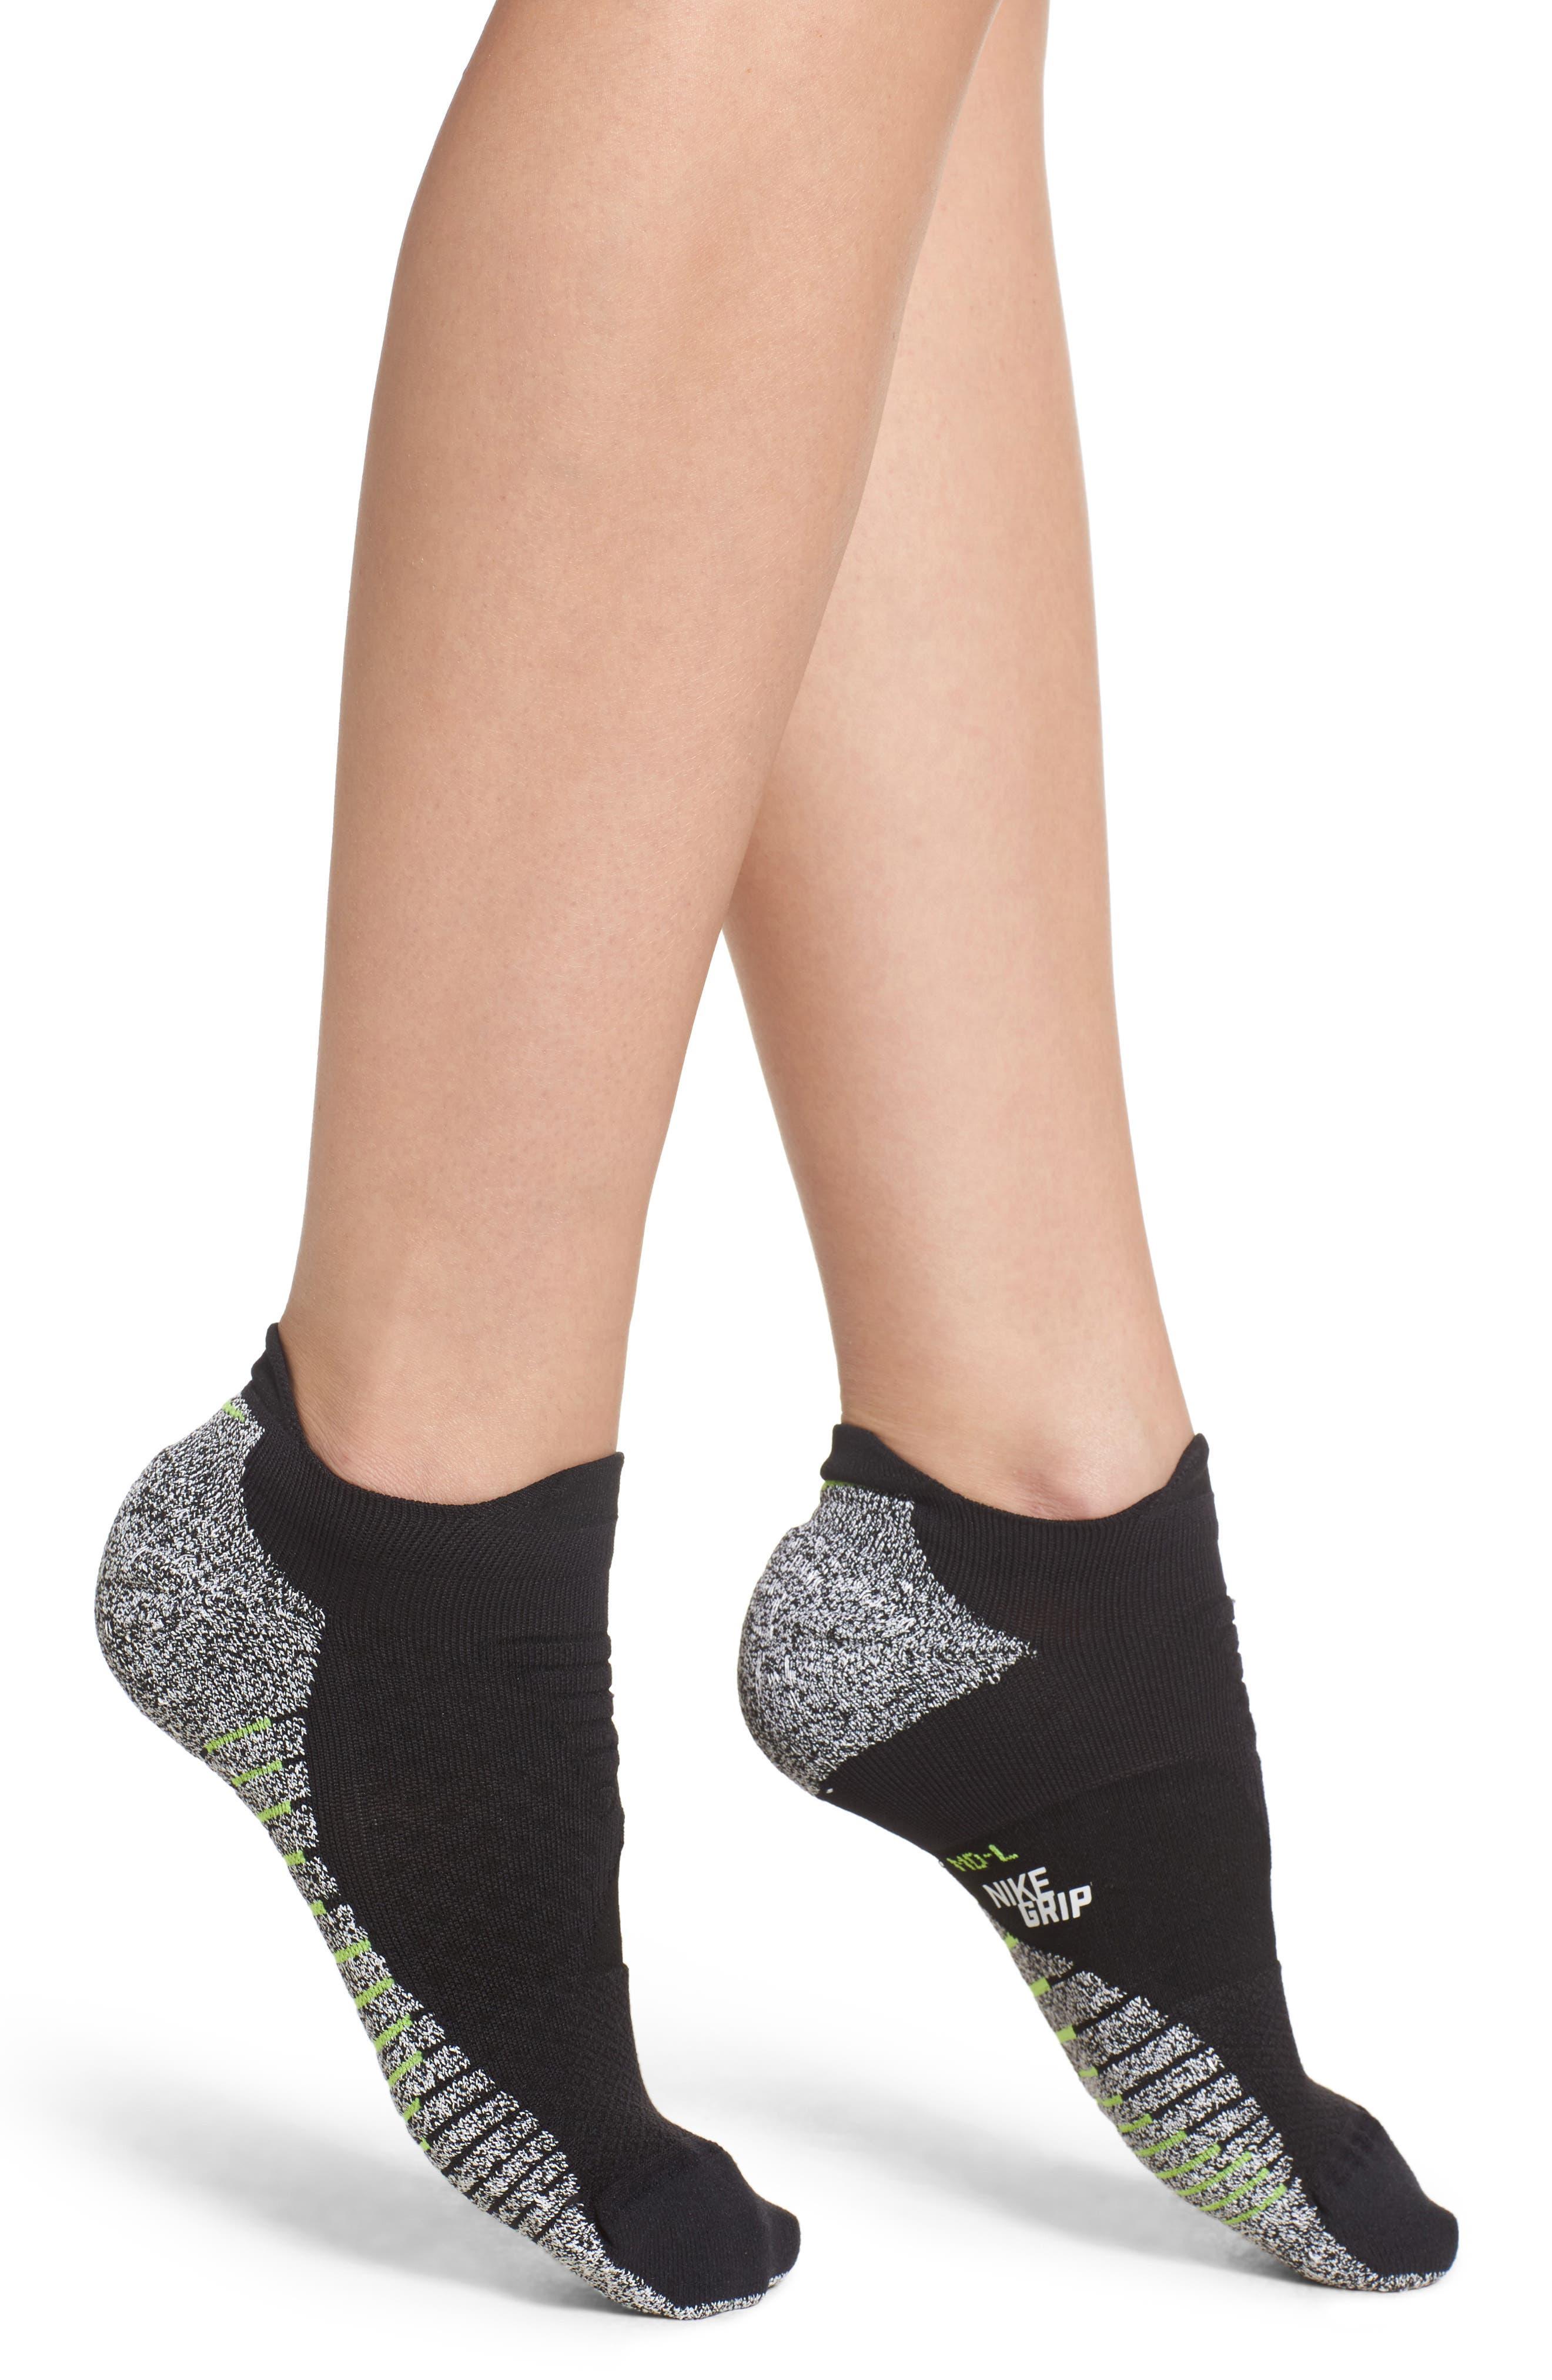 NikeGrip Low Cut Socks,                         Main,                         color, Black